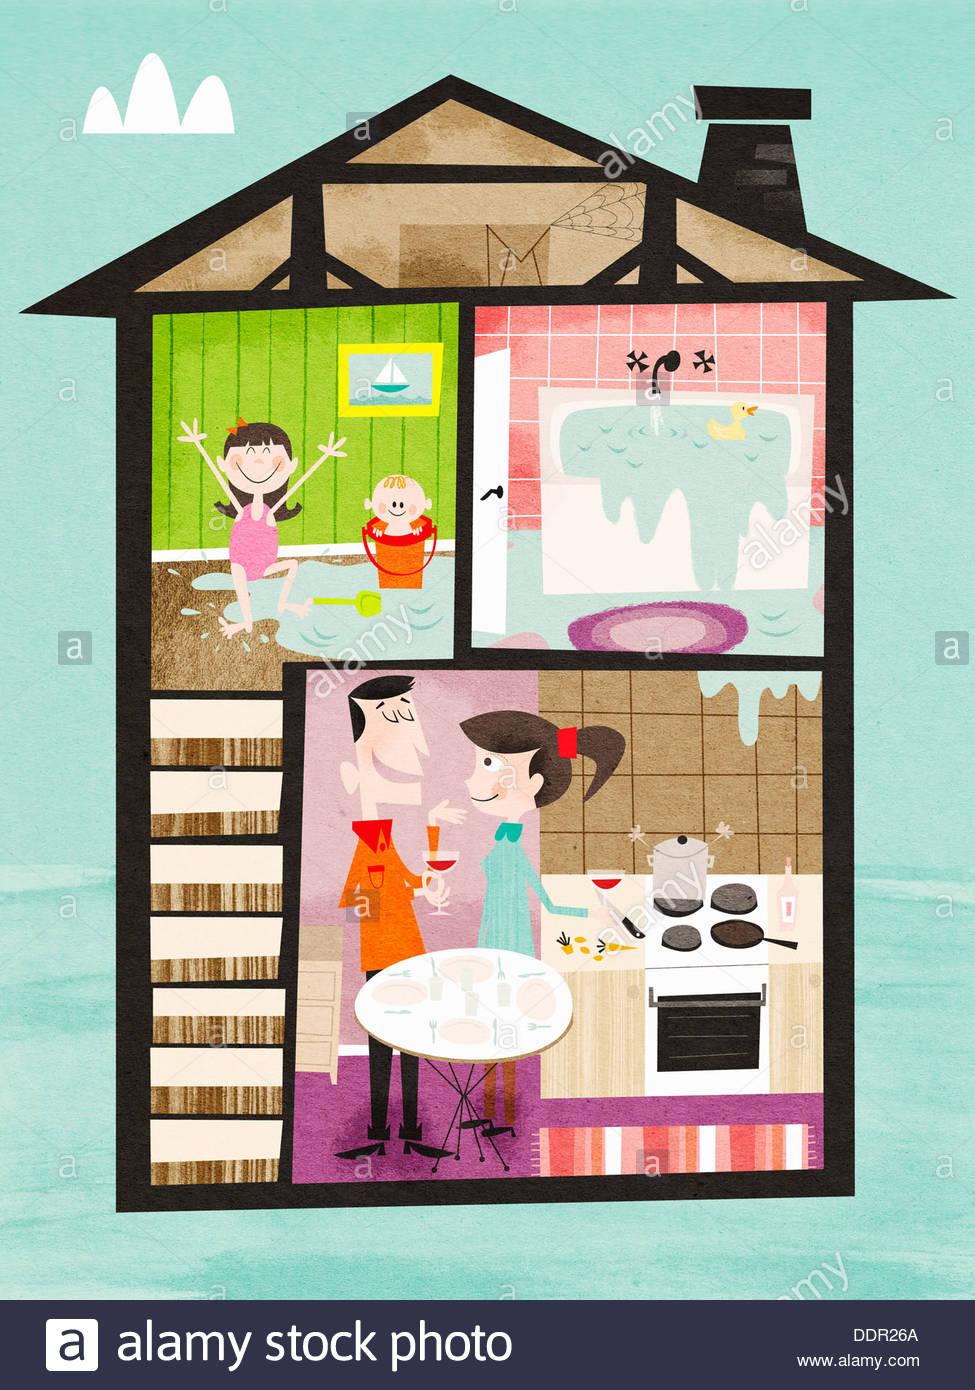 Bambini che giocano in acqua di traboccare il bagno al piano superiore e i genitori di bere vino di sotto Immagini Stock